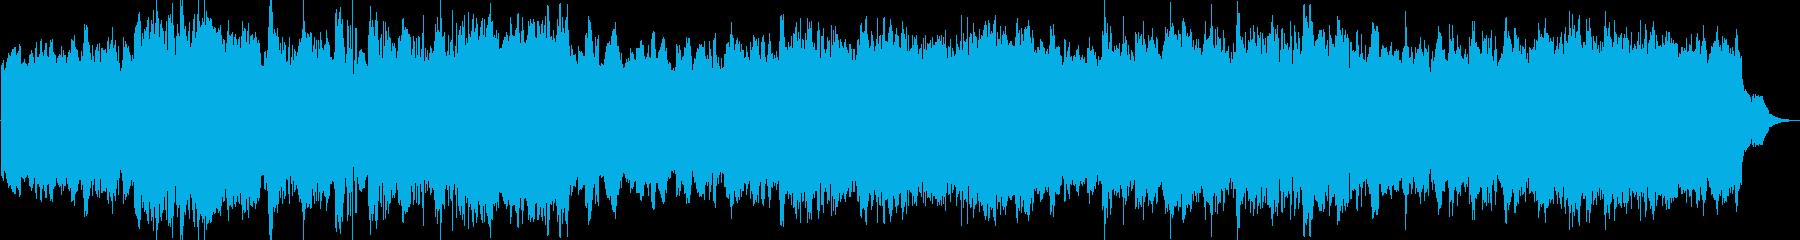 開幕や、イヴェント開催のファンファーレの再生済みの波形